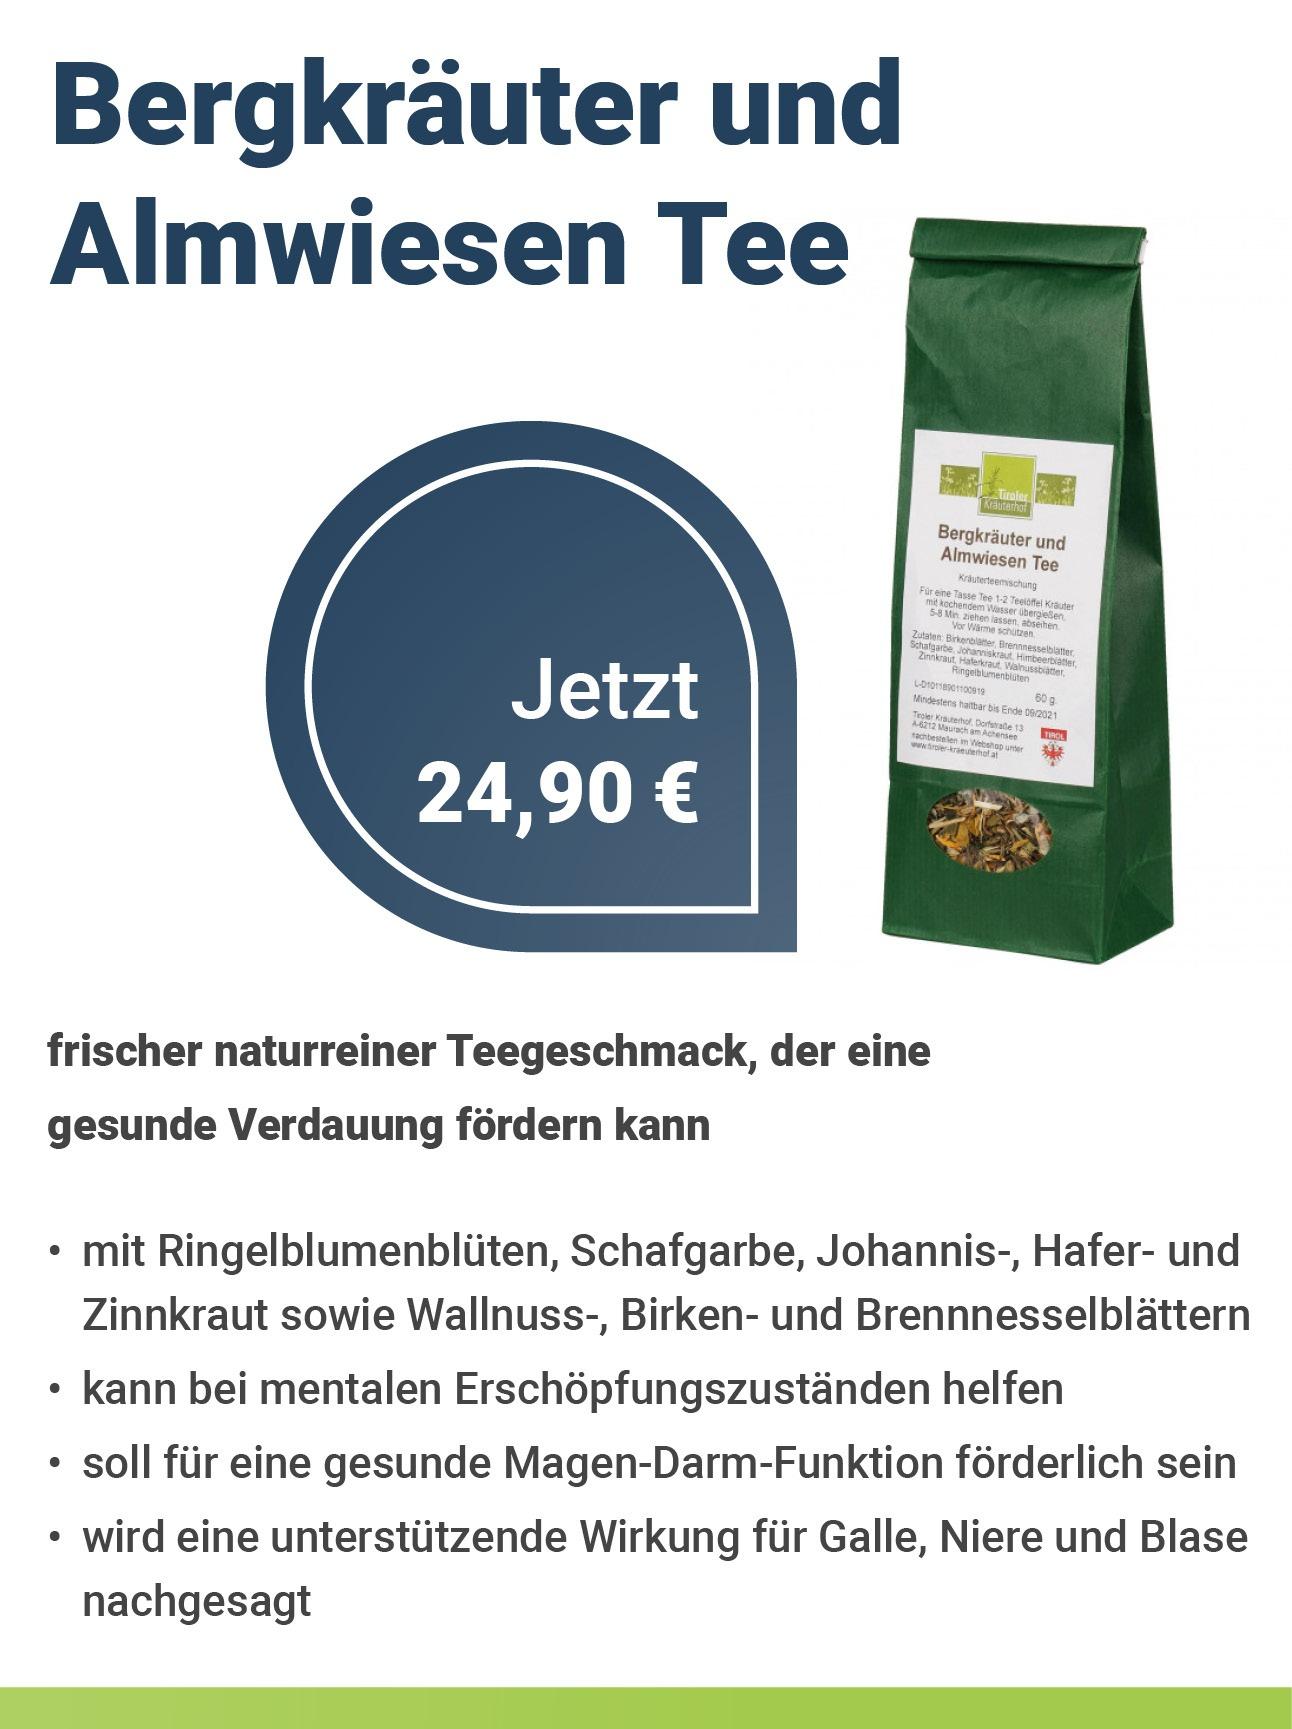 Tiroler Kräuterhof Bergkräuter und Almwiesen Tee